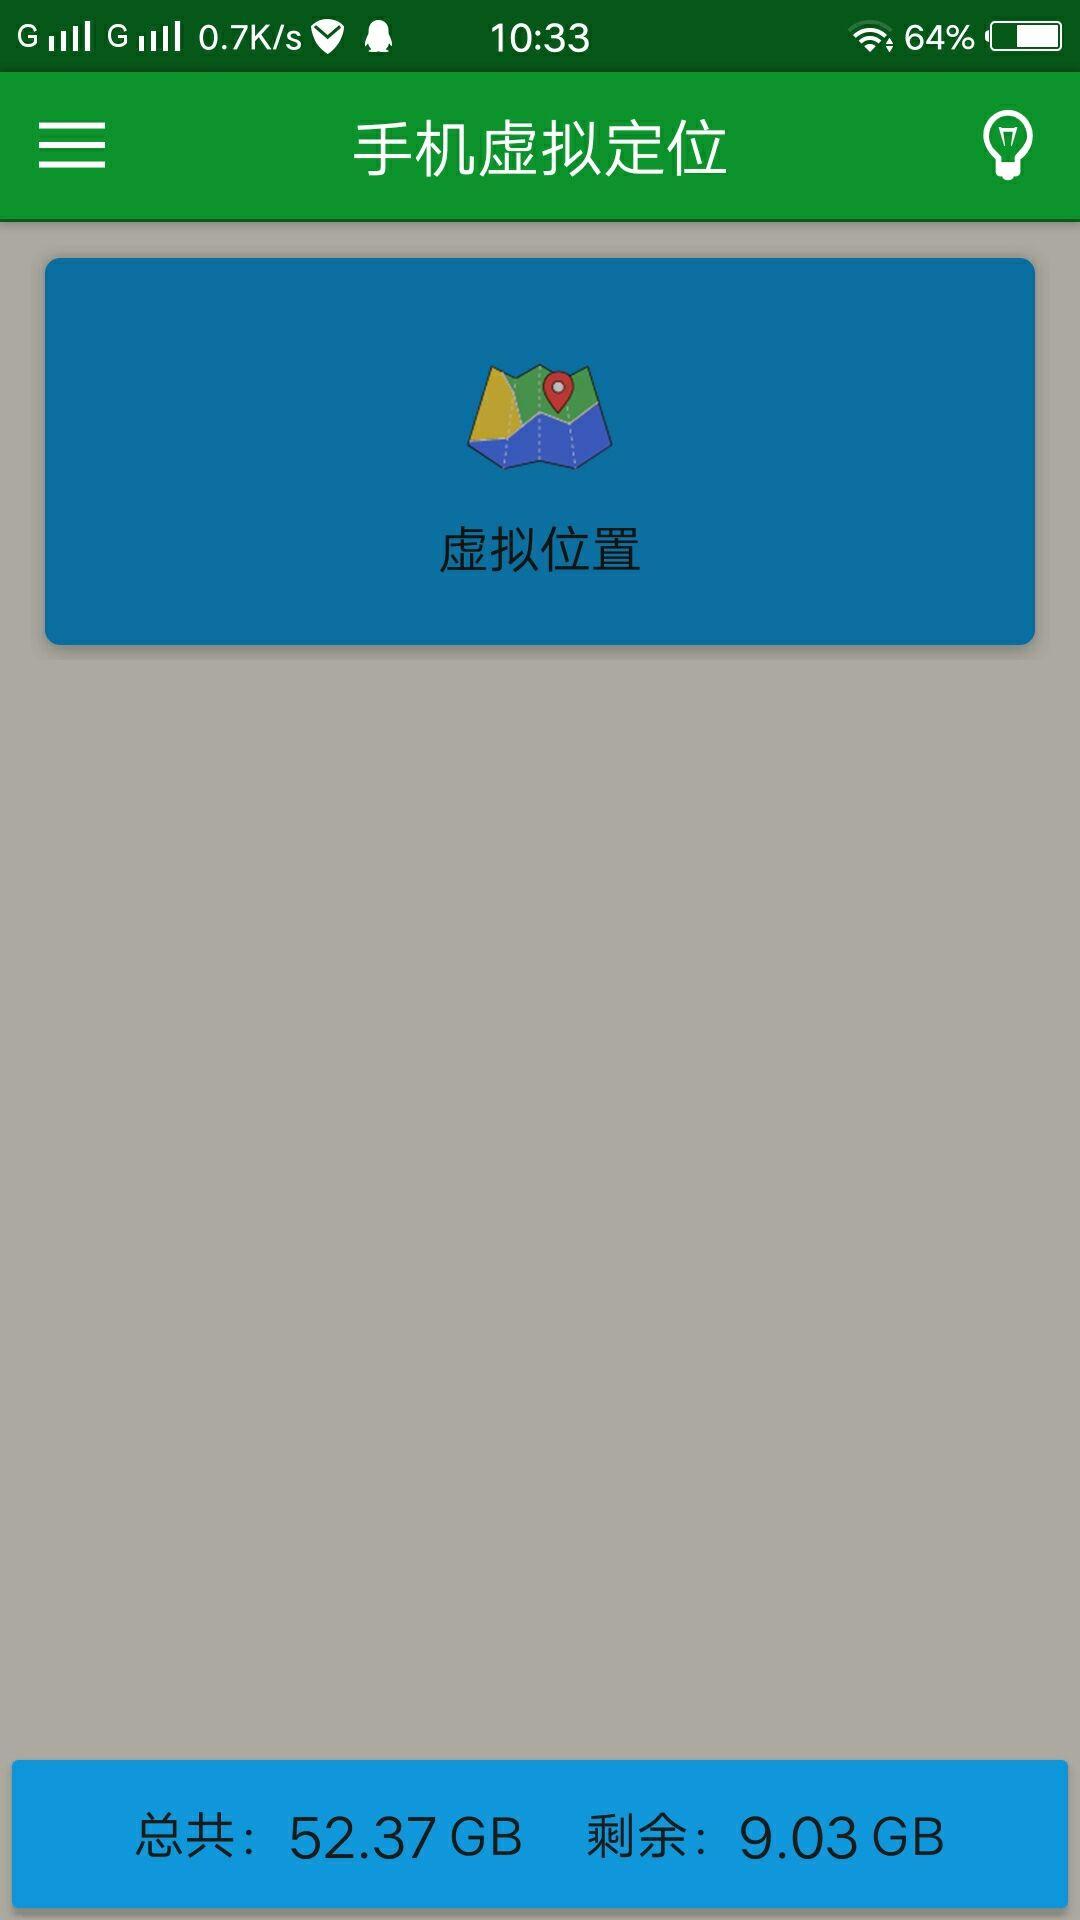 仙杰笔记 抖音/快手/陌陌/探探/手机app直播虚拟定位修改神器 微信位置 技术交流 111515bgx9e8oudhiz4aej